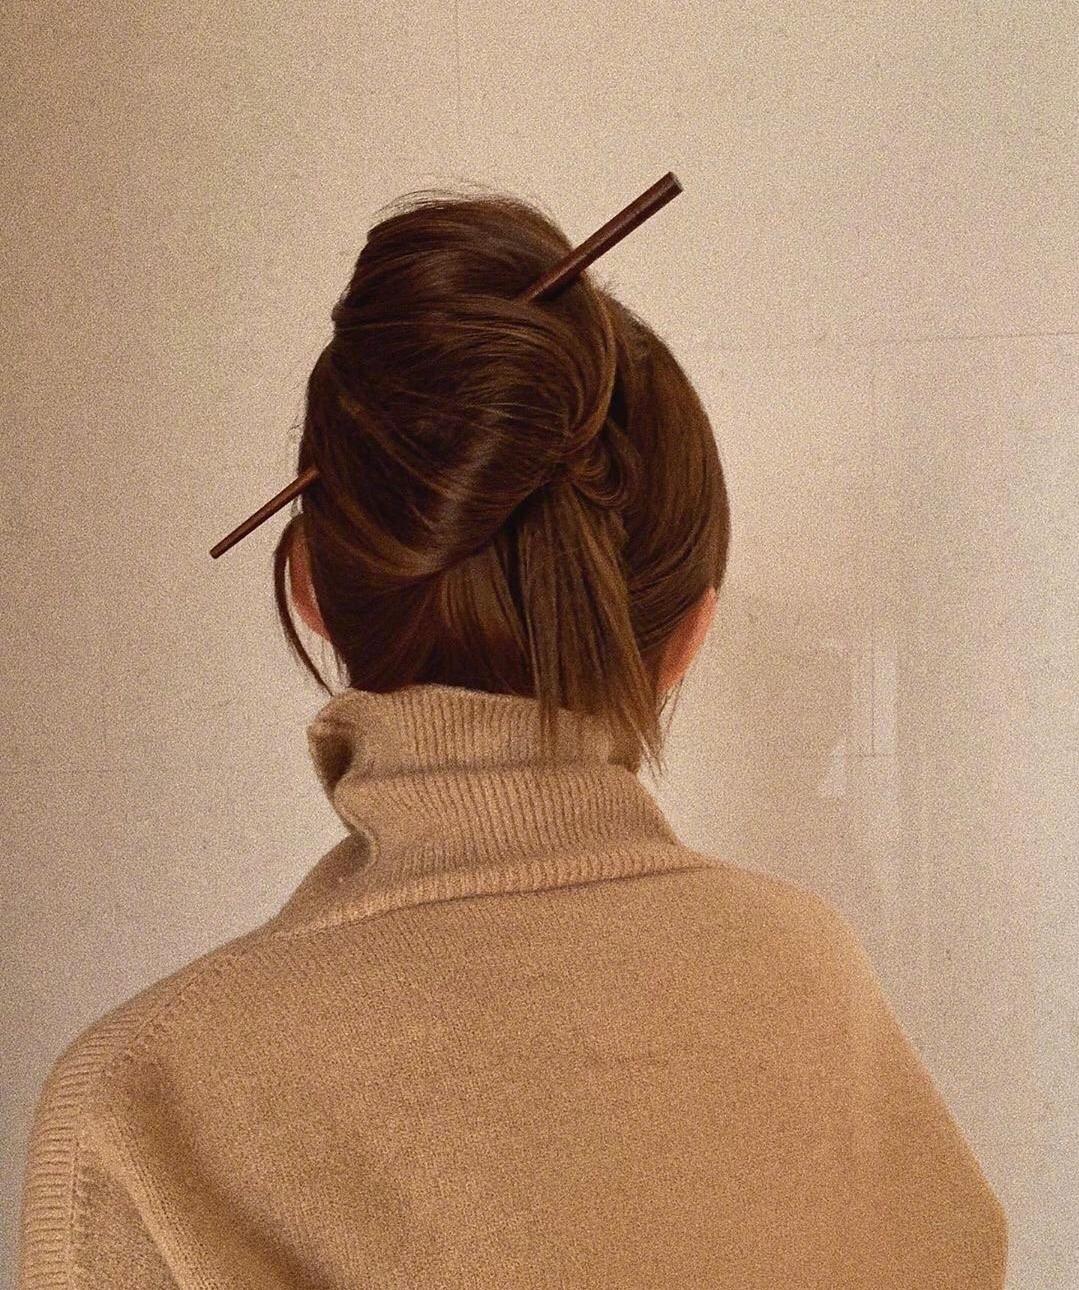 善于利用发饰点缀,会让发型更加分。